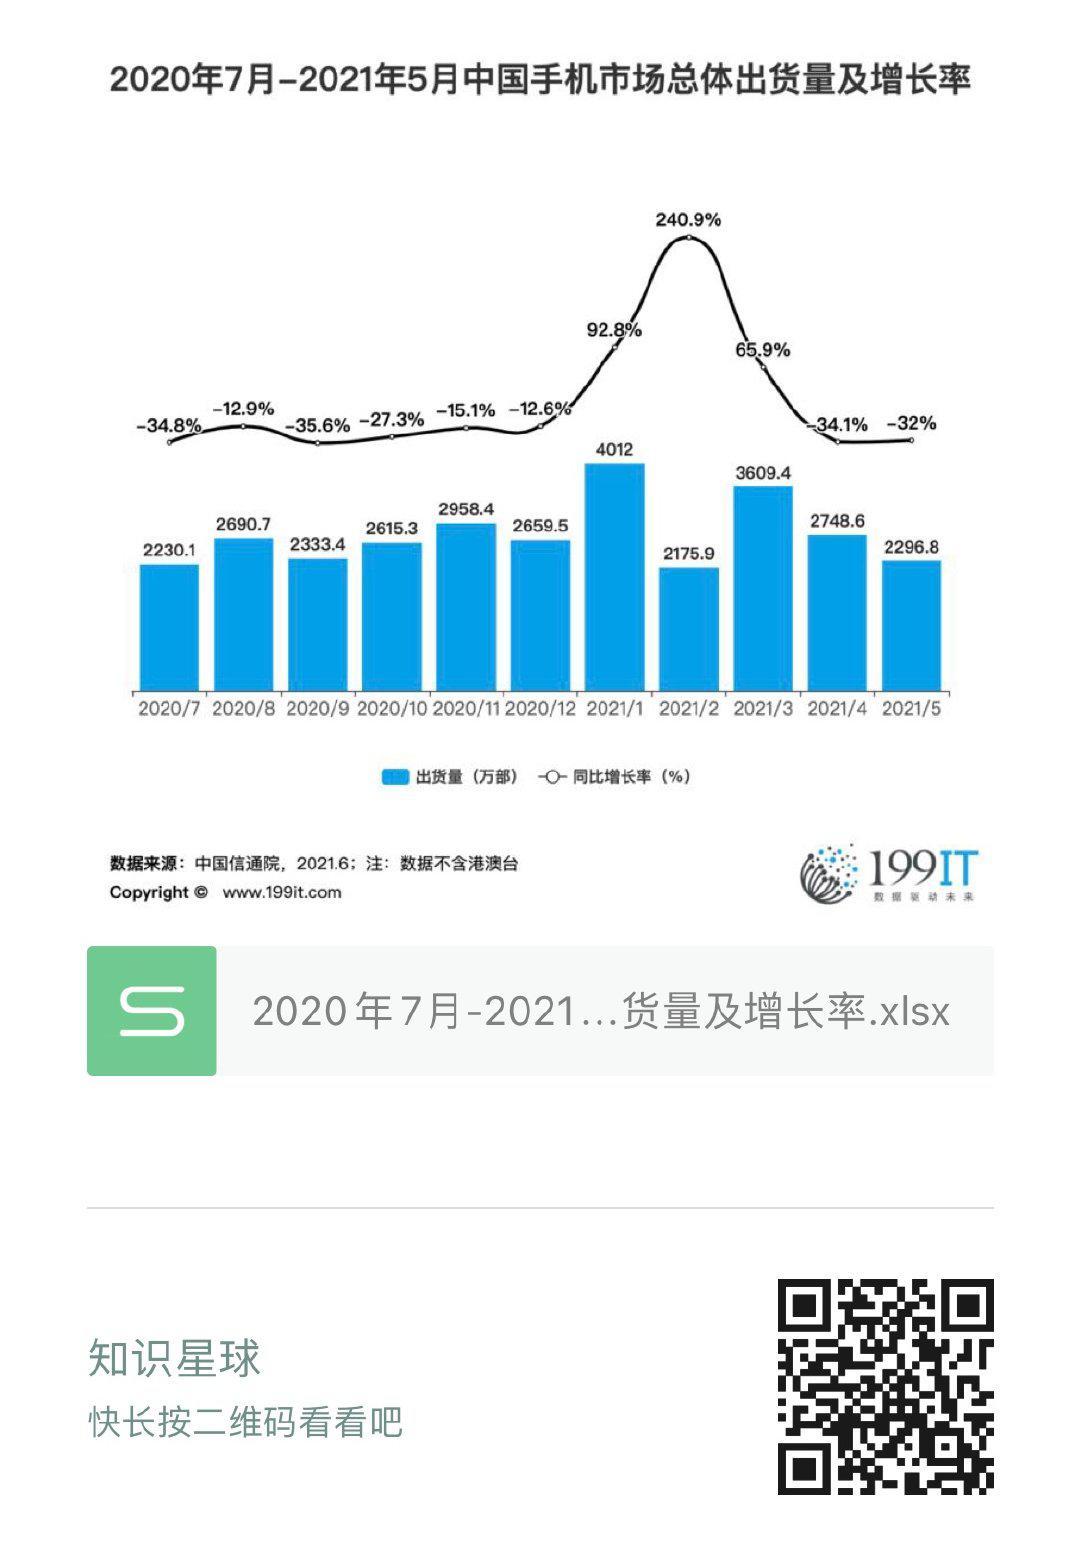 2020年7月-2021年5月中國手機市場總體出貨量及增長率(附原資料表) 